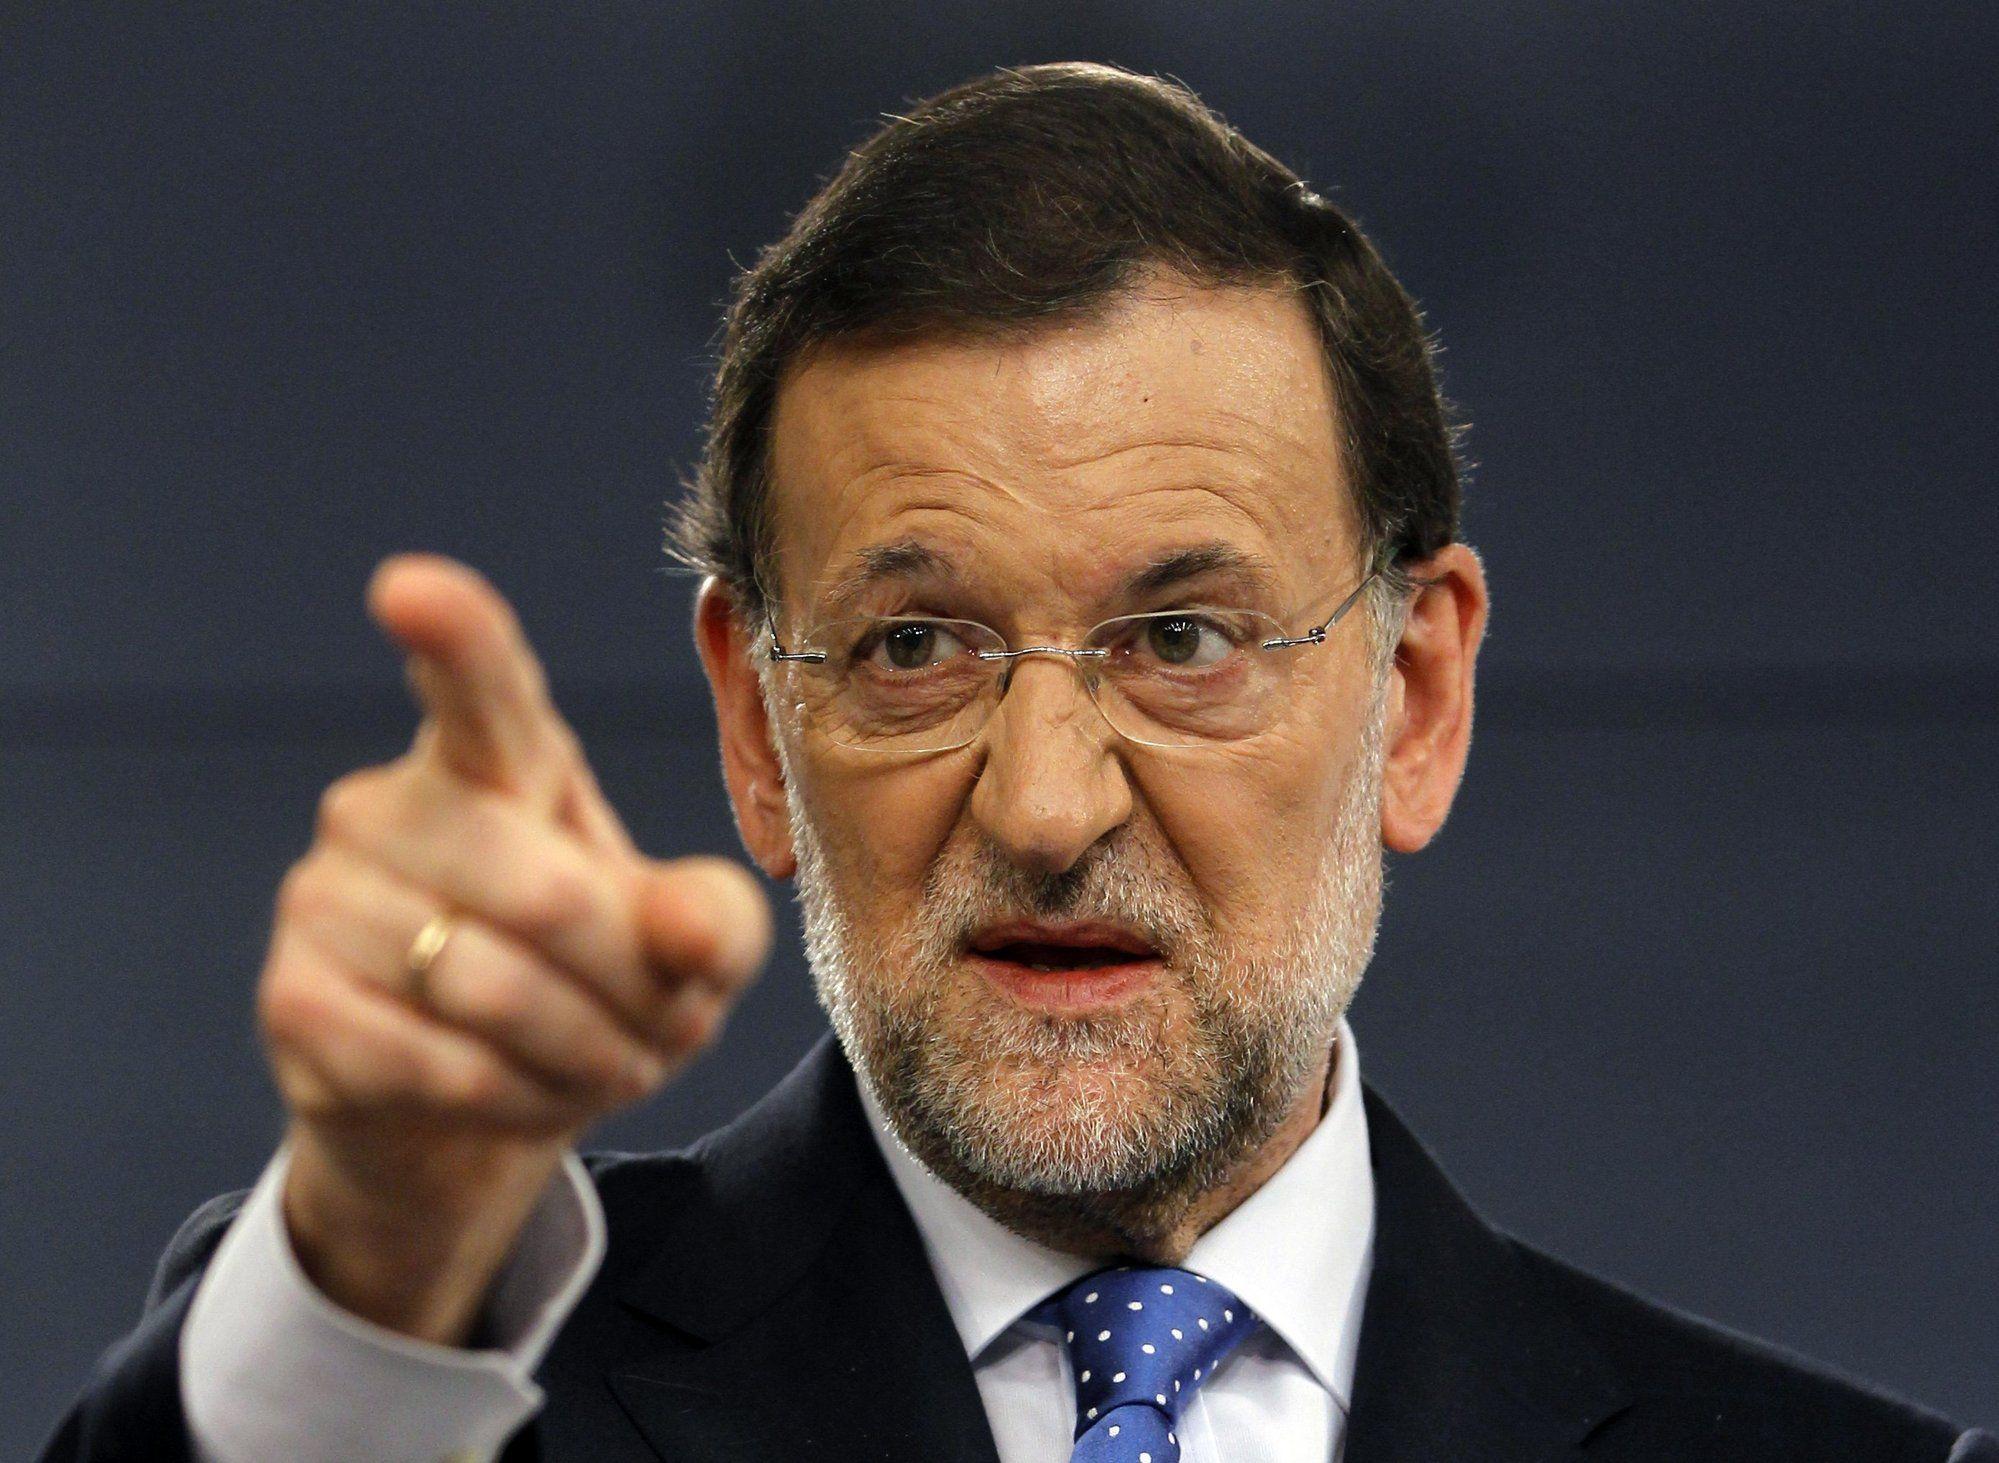 ¿Dónde nació nuestro actual presidente, Mariano Rajoy?